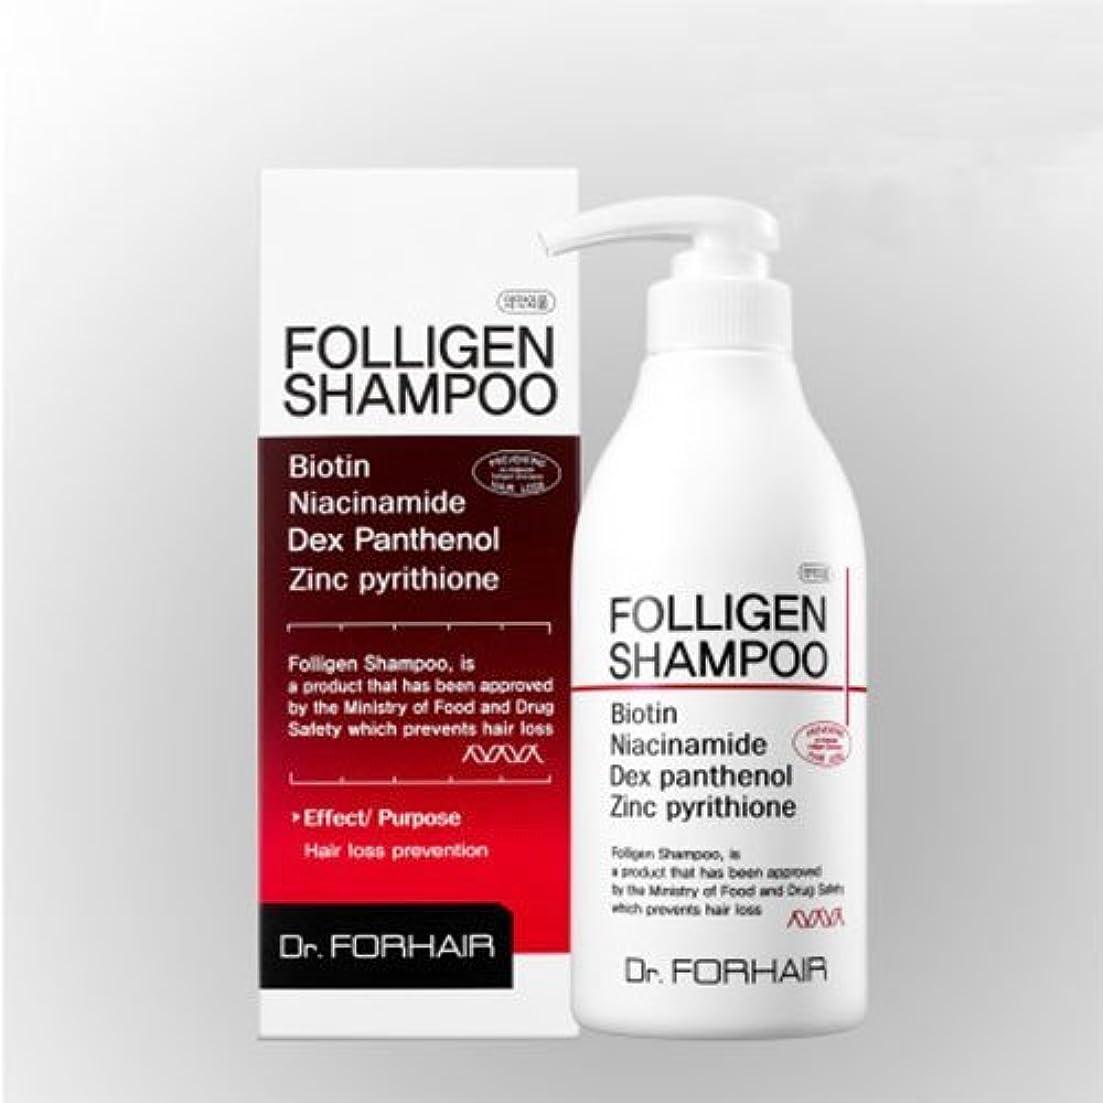 眠っている思想真向こうダクト?フォーヘア ポルリジェン シャンプー500ml 脱毛防止シャンプー[並行輸入品] / Dr. Forhair Folligen Shampoo 500ml (16.9 fl.oz.) for Hair Loss Prevention